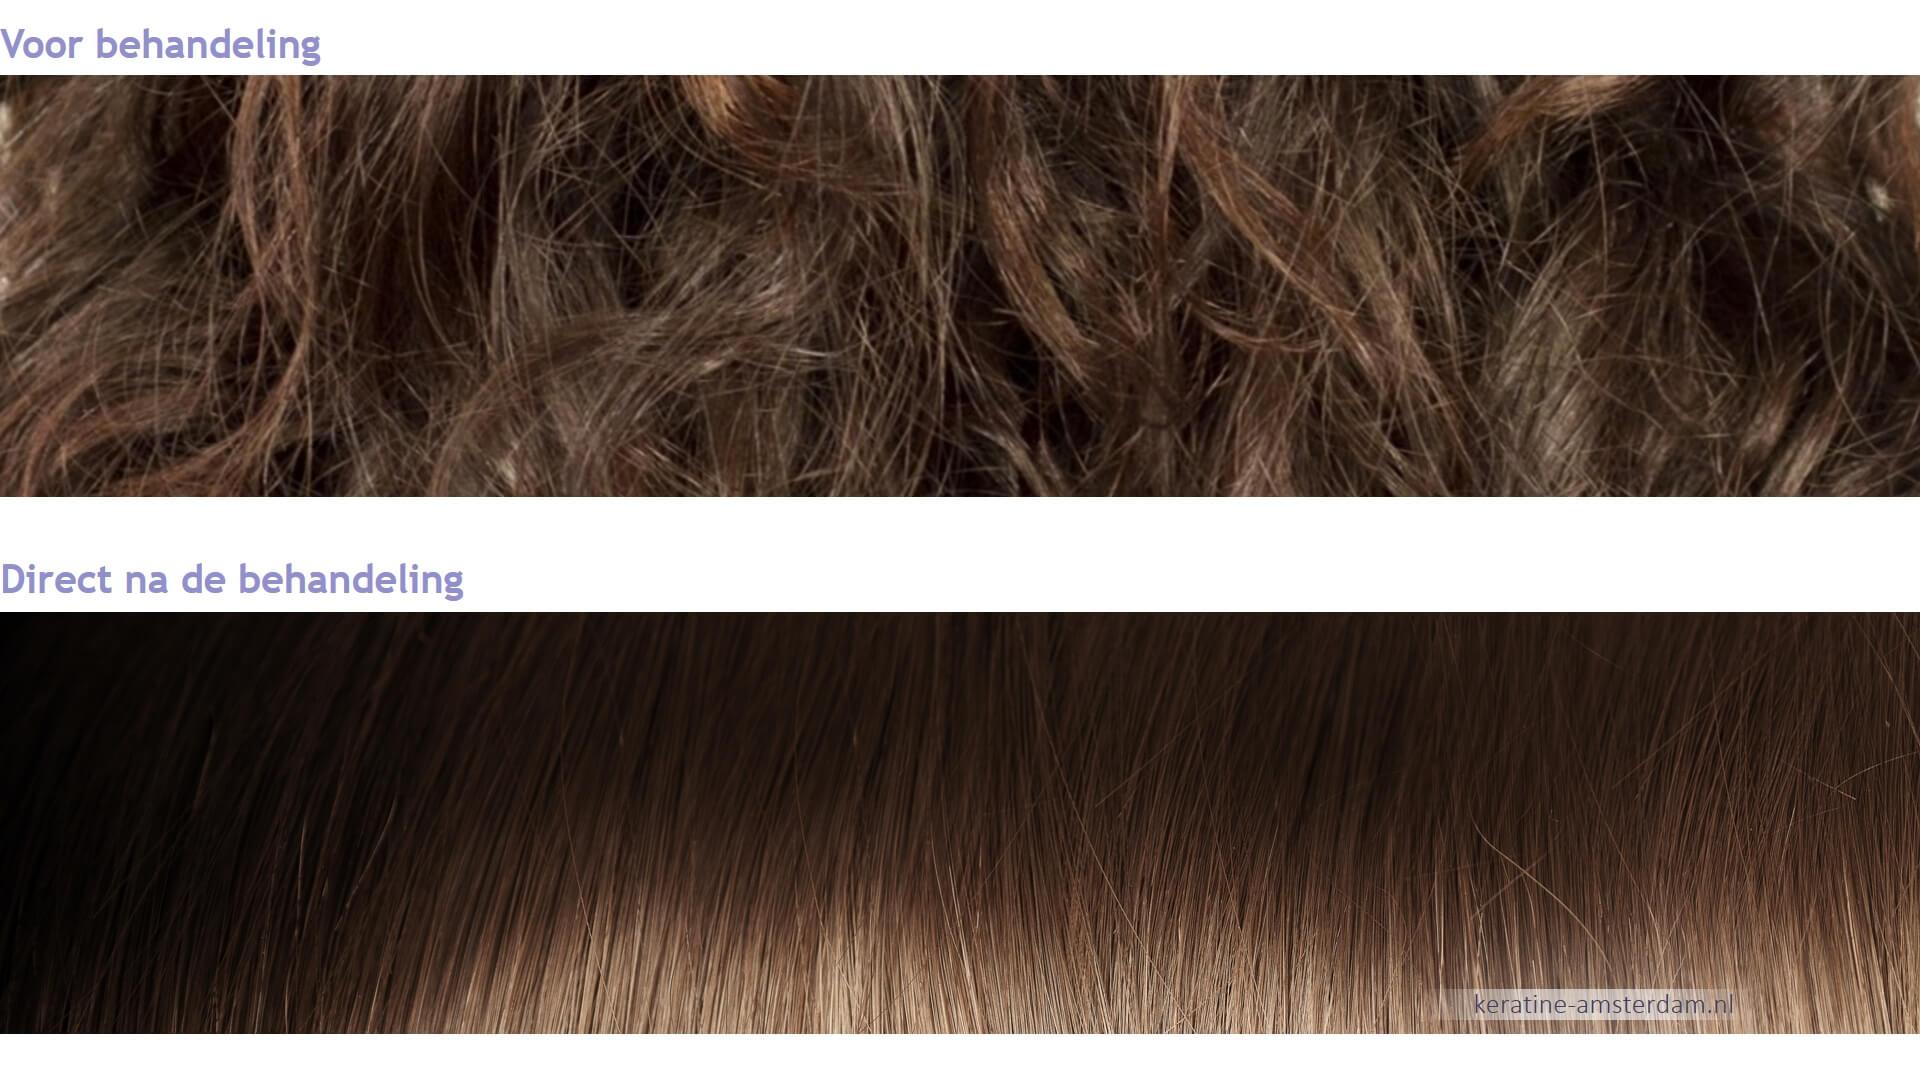 keratine ervaringen behandeling voor en na resultaten LysandroCiclia hairstyles amsterdam centrum